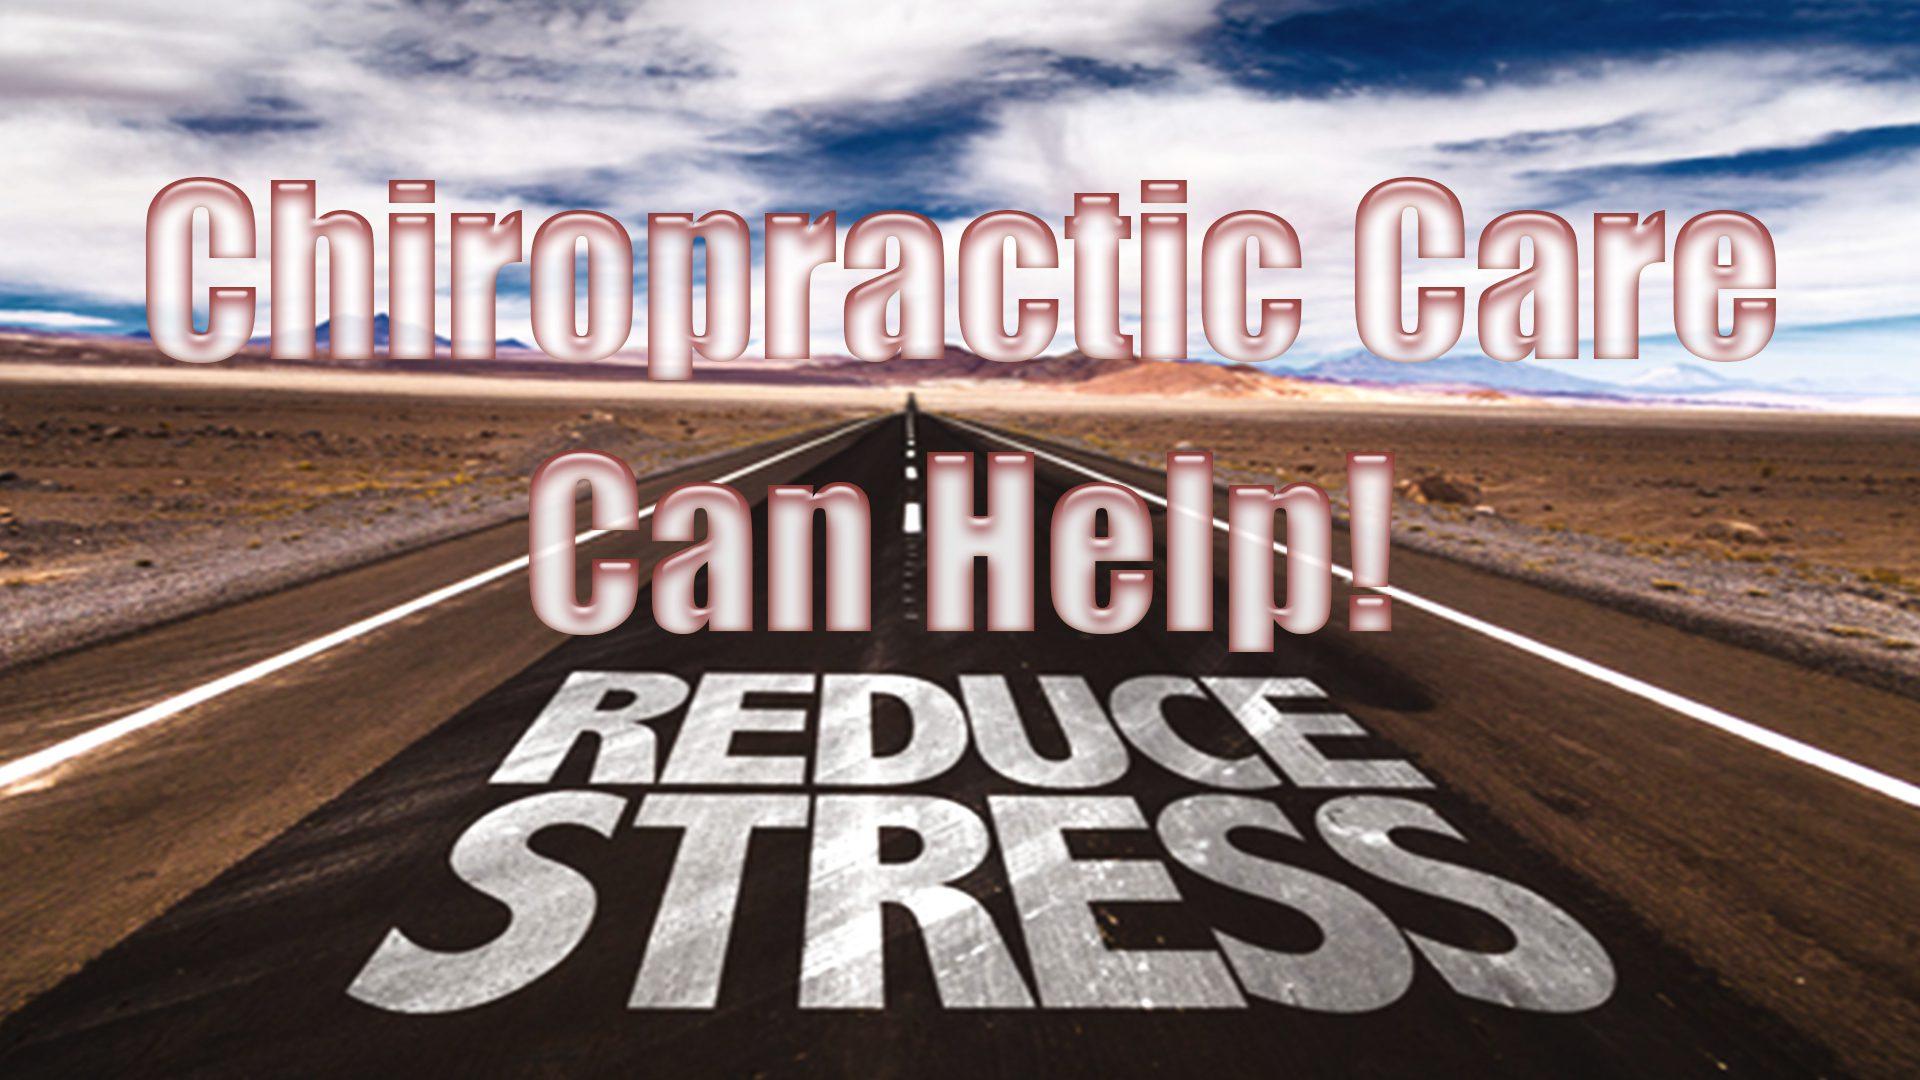 menghilangkan perawatan chiropractic stres el paso tx.